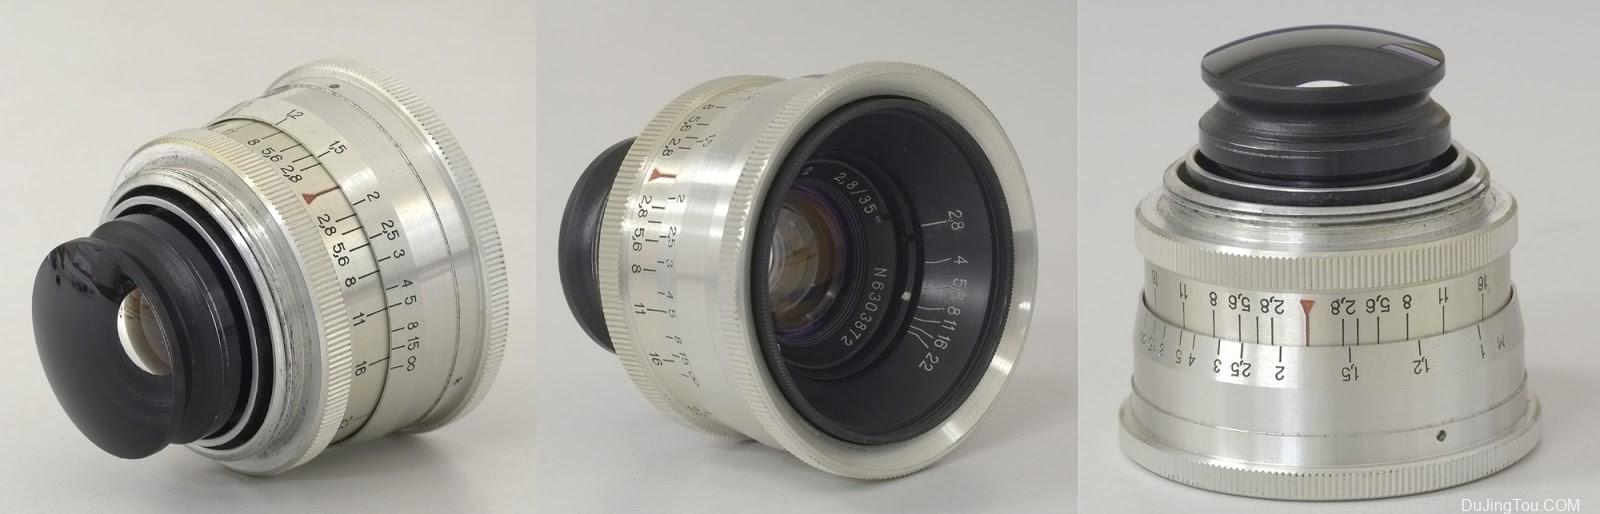 LZOS Jupiter-12 35mm F2.8 (L39)资料镜头测试和样片